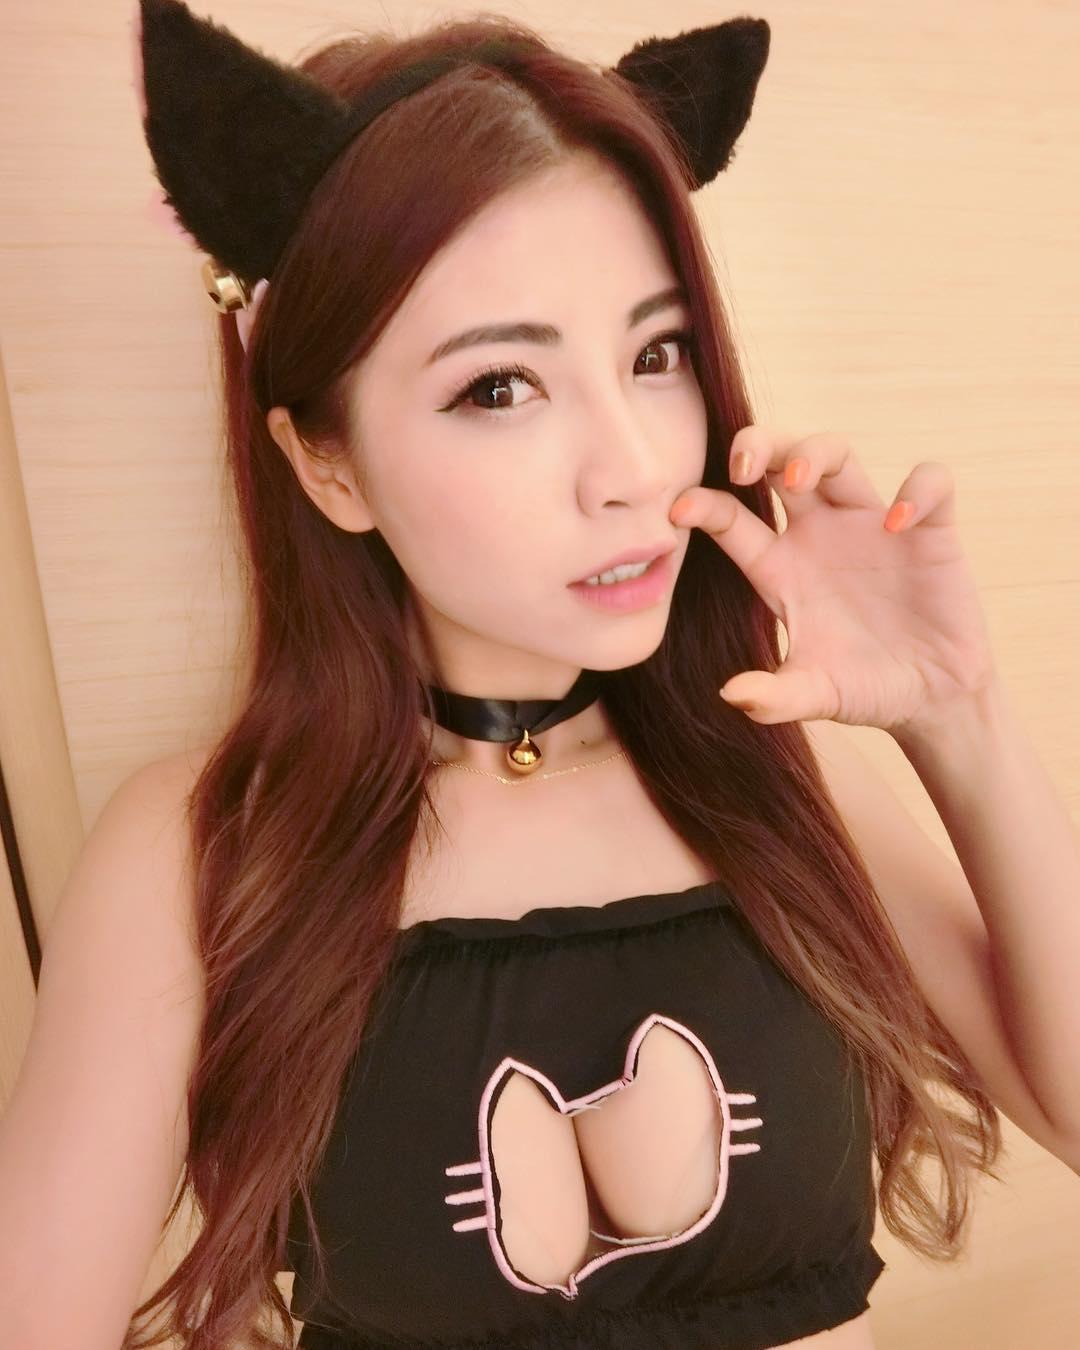 莉亞(Angel Liya)- 性感跑趴Hold全場魅力橫掃福利滿檔 - 美女圖 -